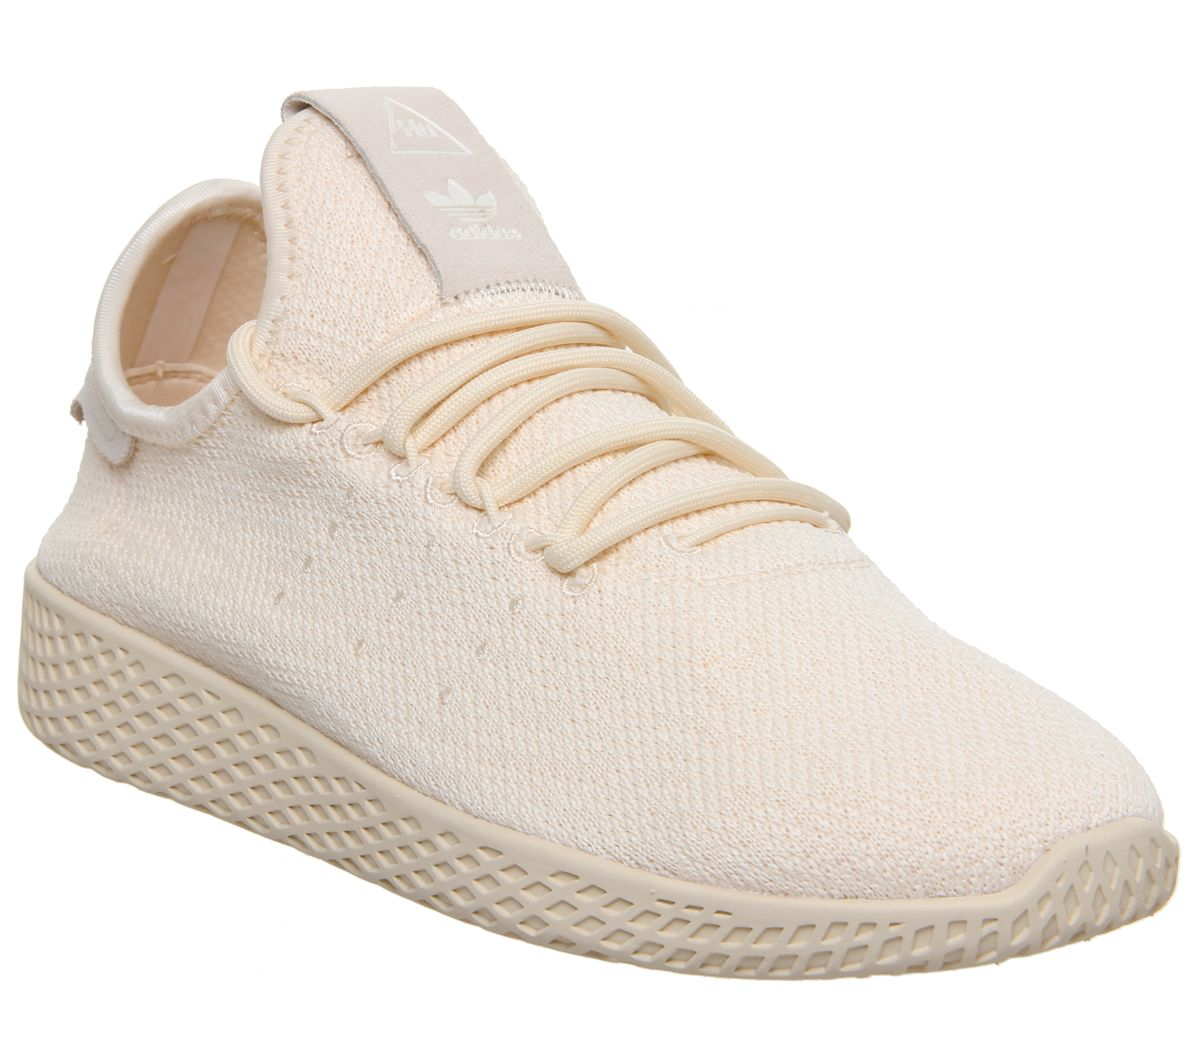 Detalles de Mujer adidas Pw Zapatillas de Tenis Crudo Tinte Nube Zapatillas Blancas